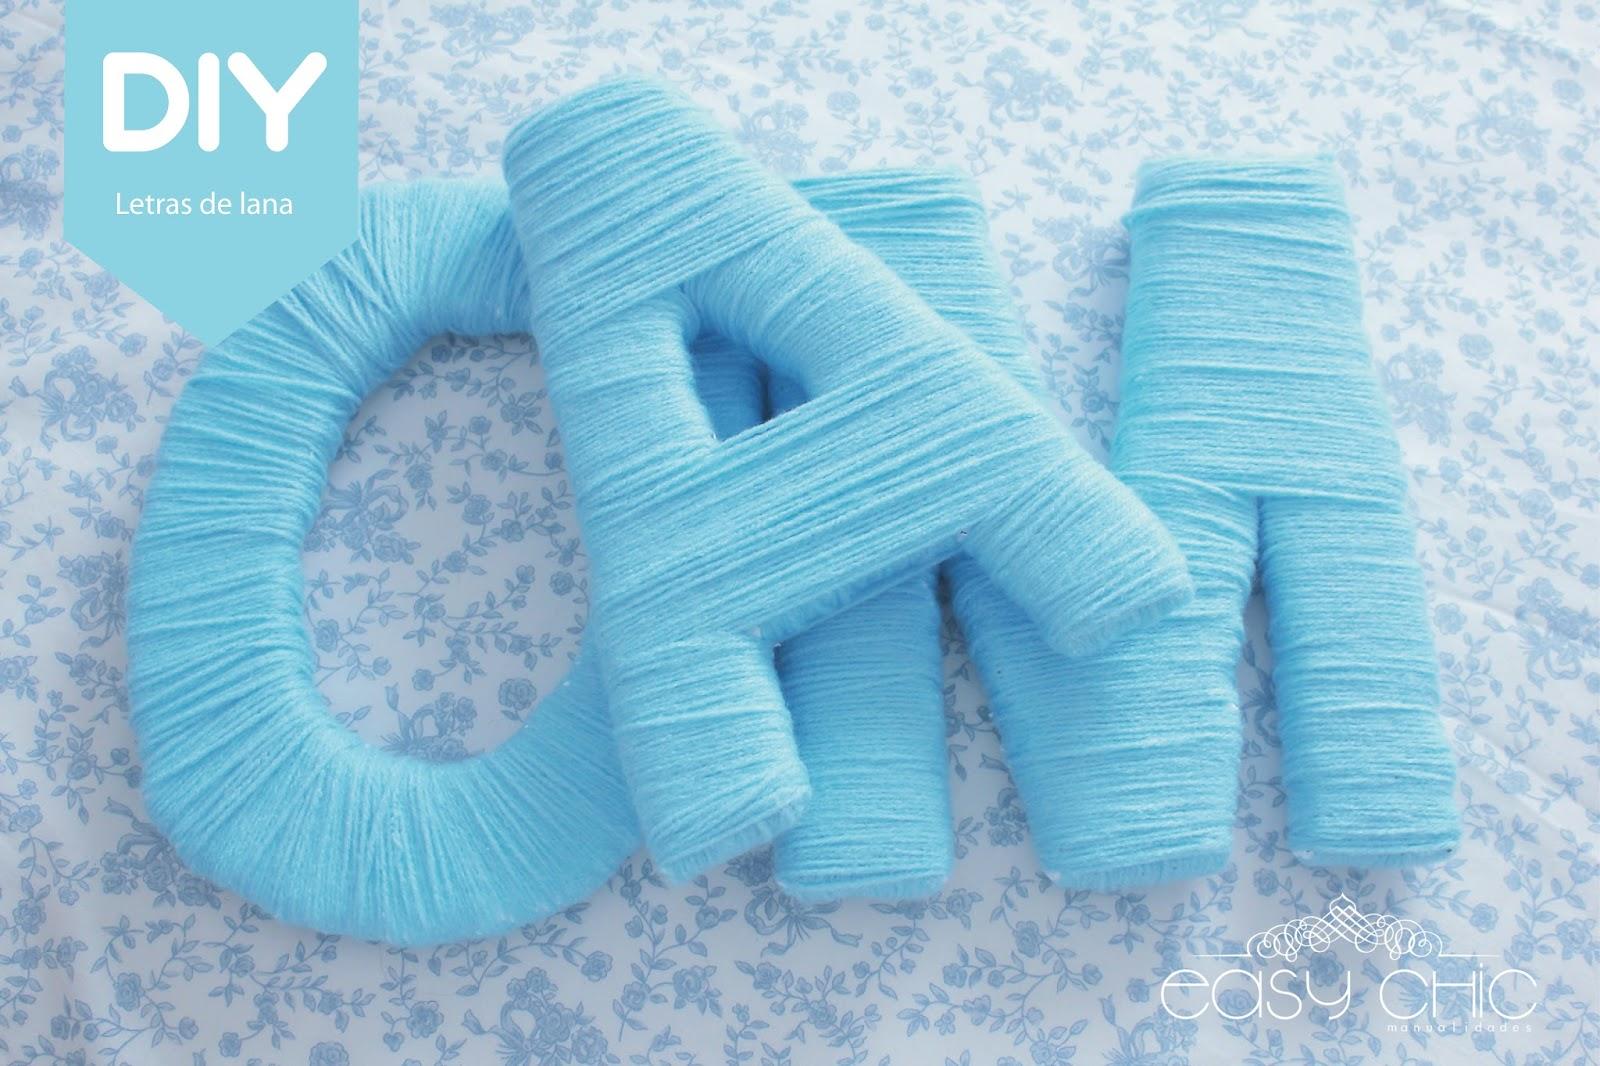 Letras de poliespan con lana